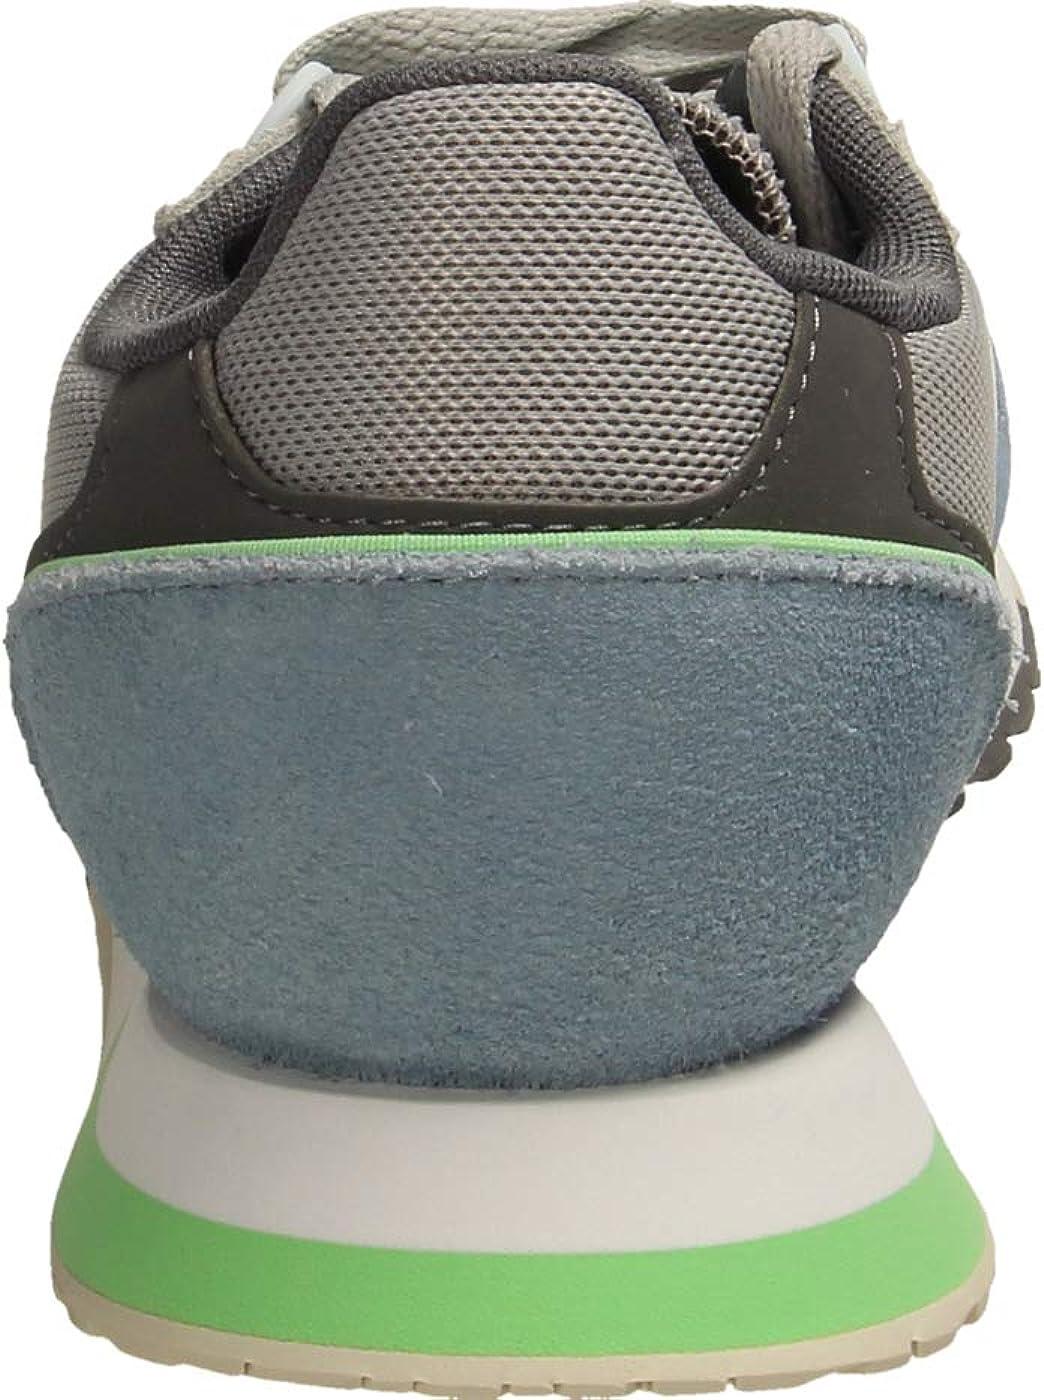 adidas 8k 2020, Zapatillas para Mujer Gridos Matcie Azutac Jhobb